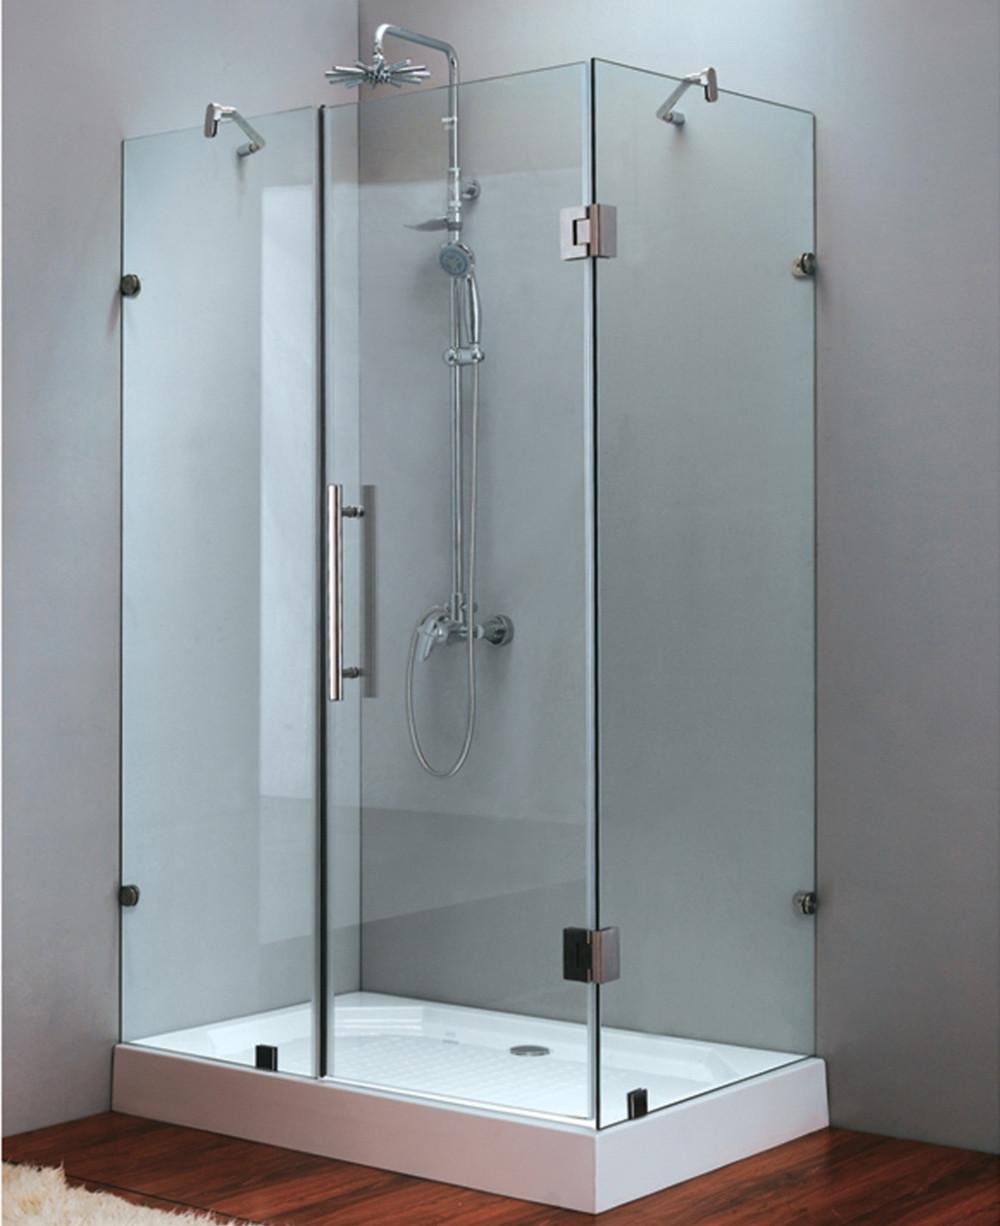 Shower Pivot Brass 180 Degree Glass Door Hinge Buy 180 Degree